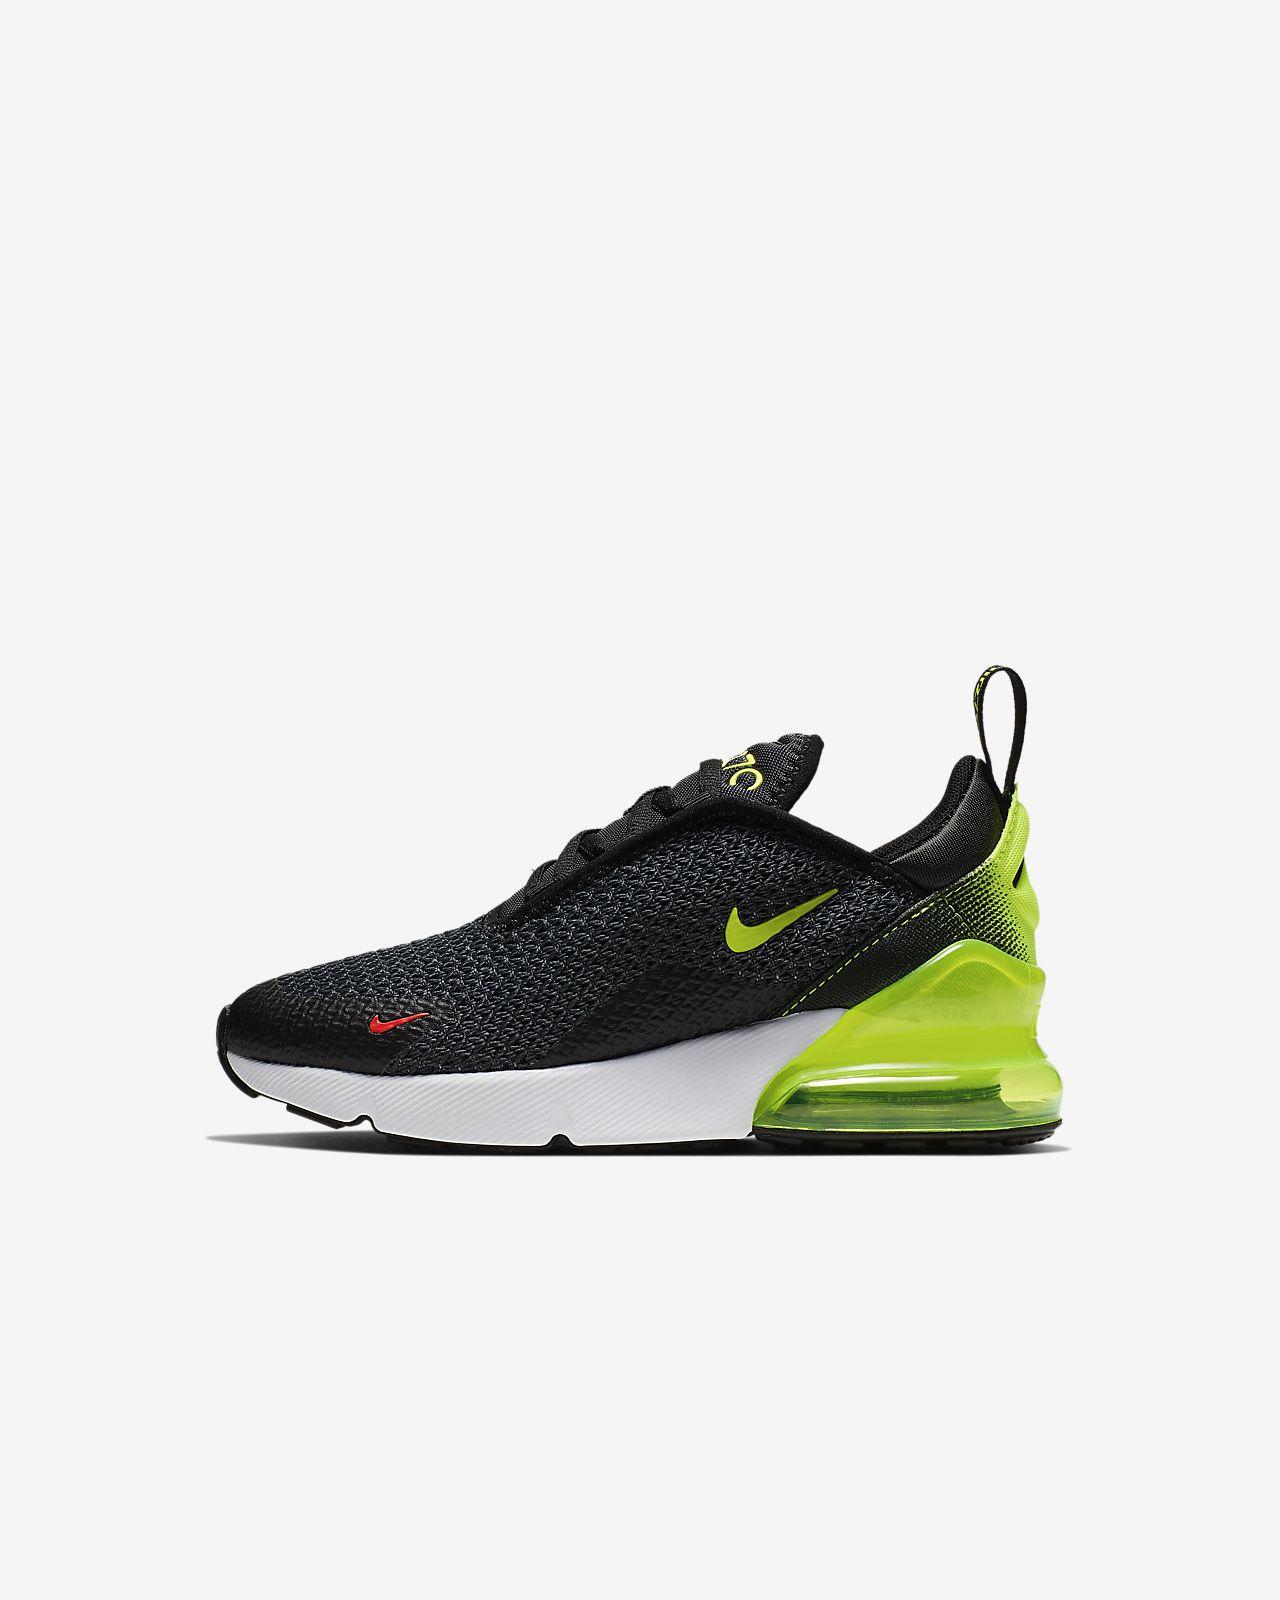 Παπούτσι Nike Air Max 270 για μικρά παιδιά